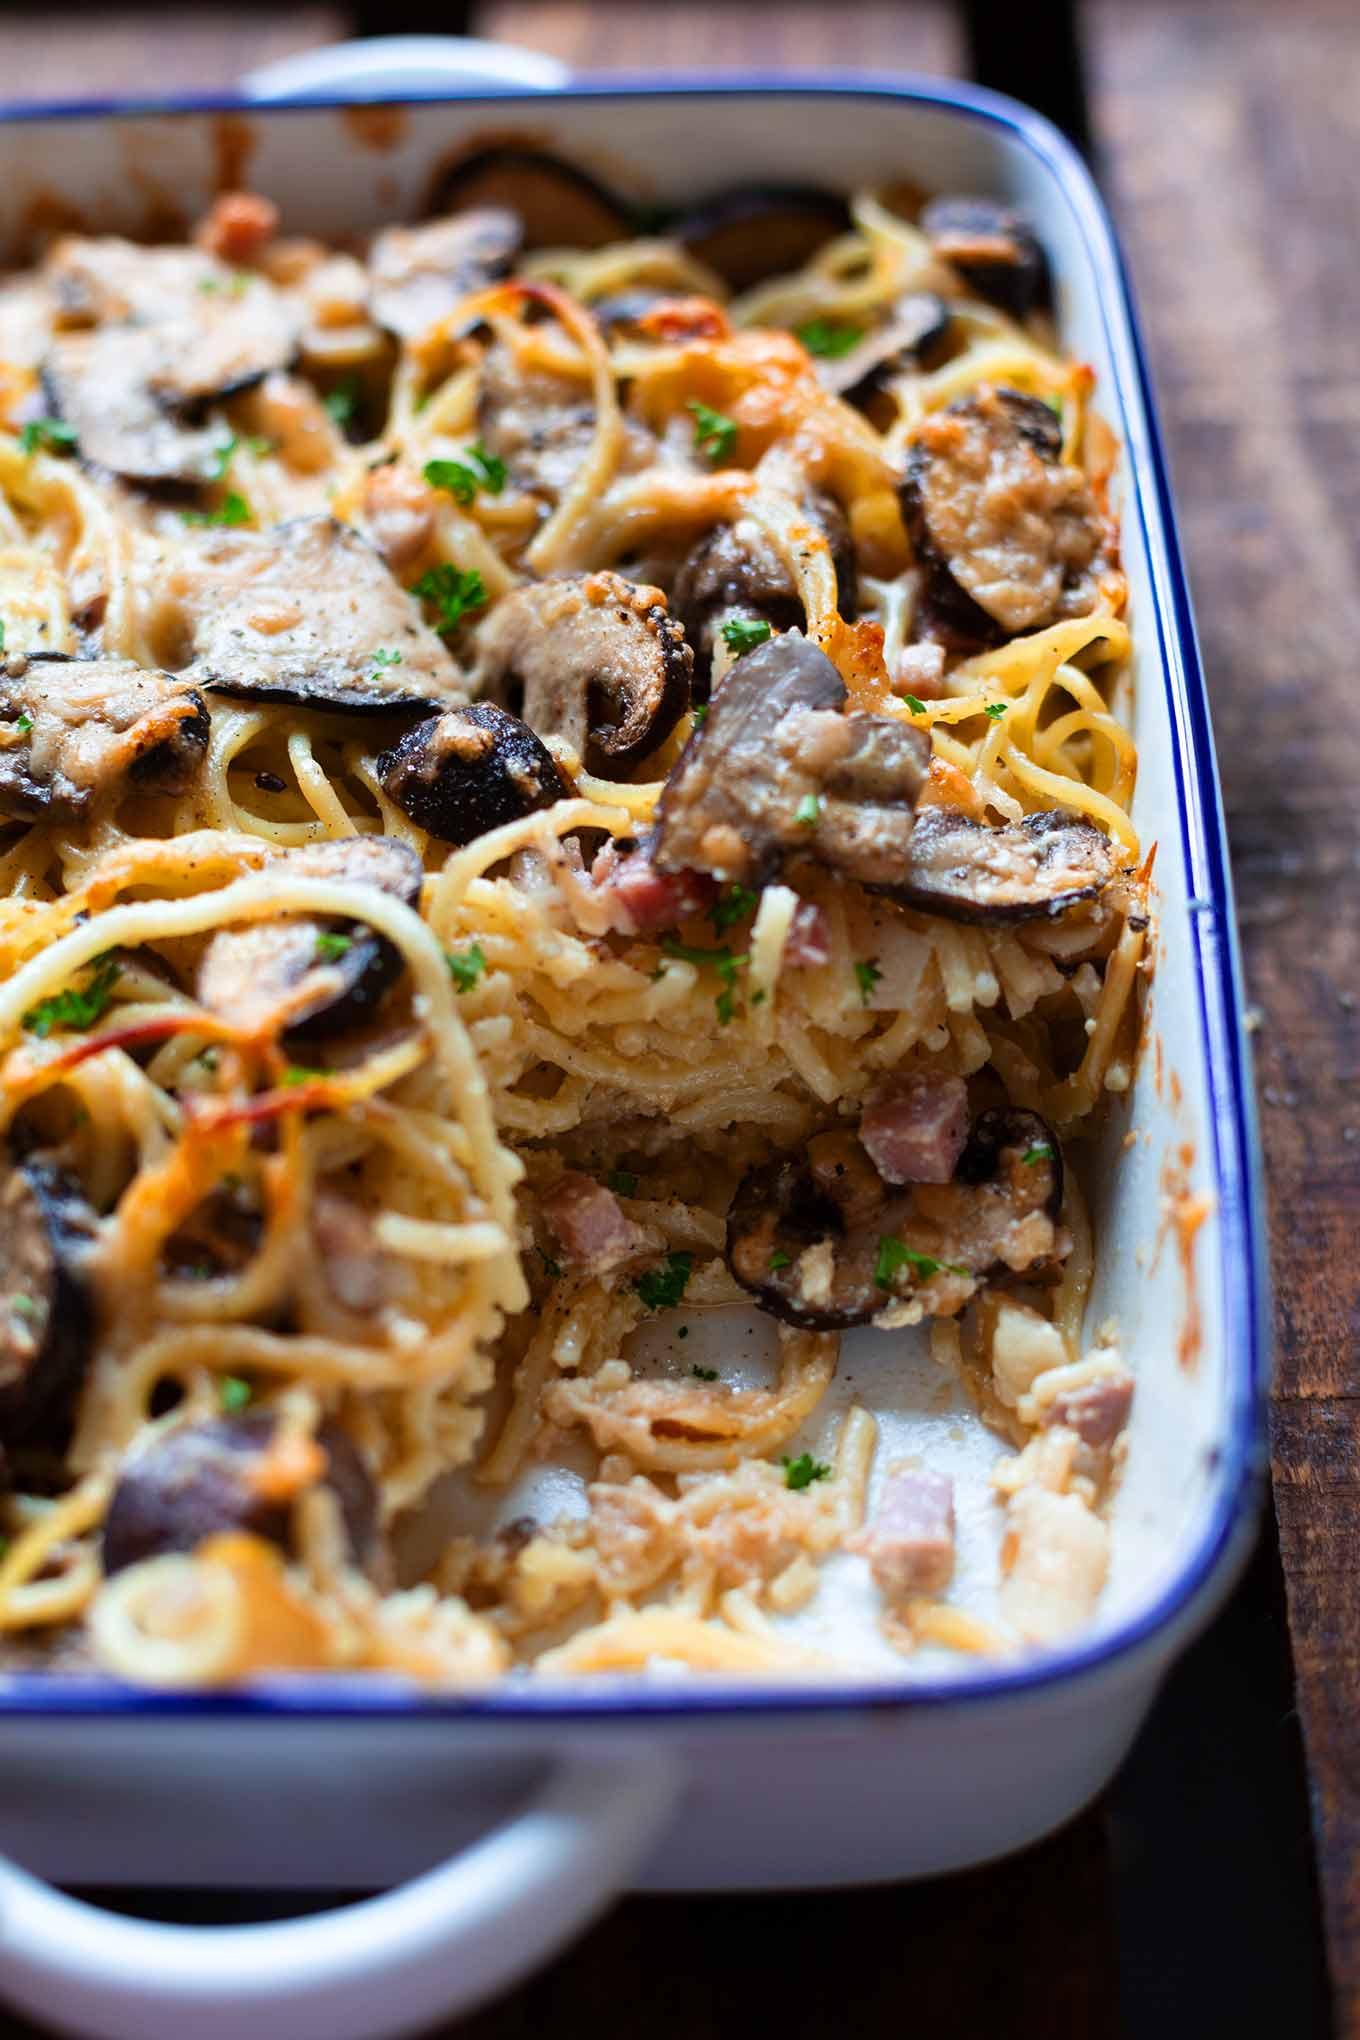 Spaghetti-Carbonara-Auflauf mit Pilzen. Dieses schnelle und einfache Soulfood-Rezept ist perfekt für den Feierabend. Unbedingt probieren! #spaghetticarbonara #auflaufrezept #feierabendküche #kochkarussell